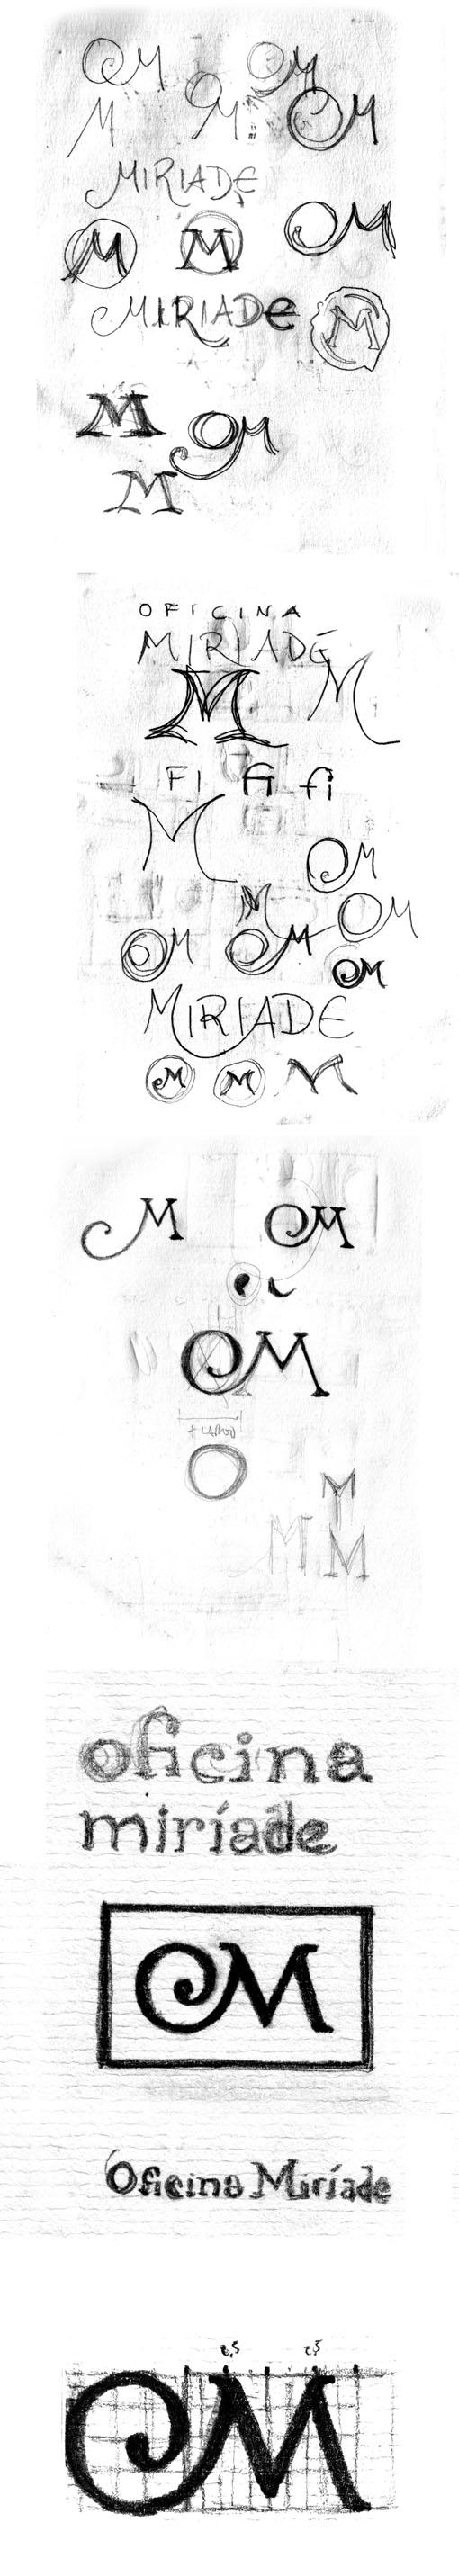 rascunhos do logo Oficina Miríade